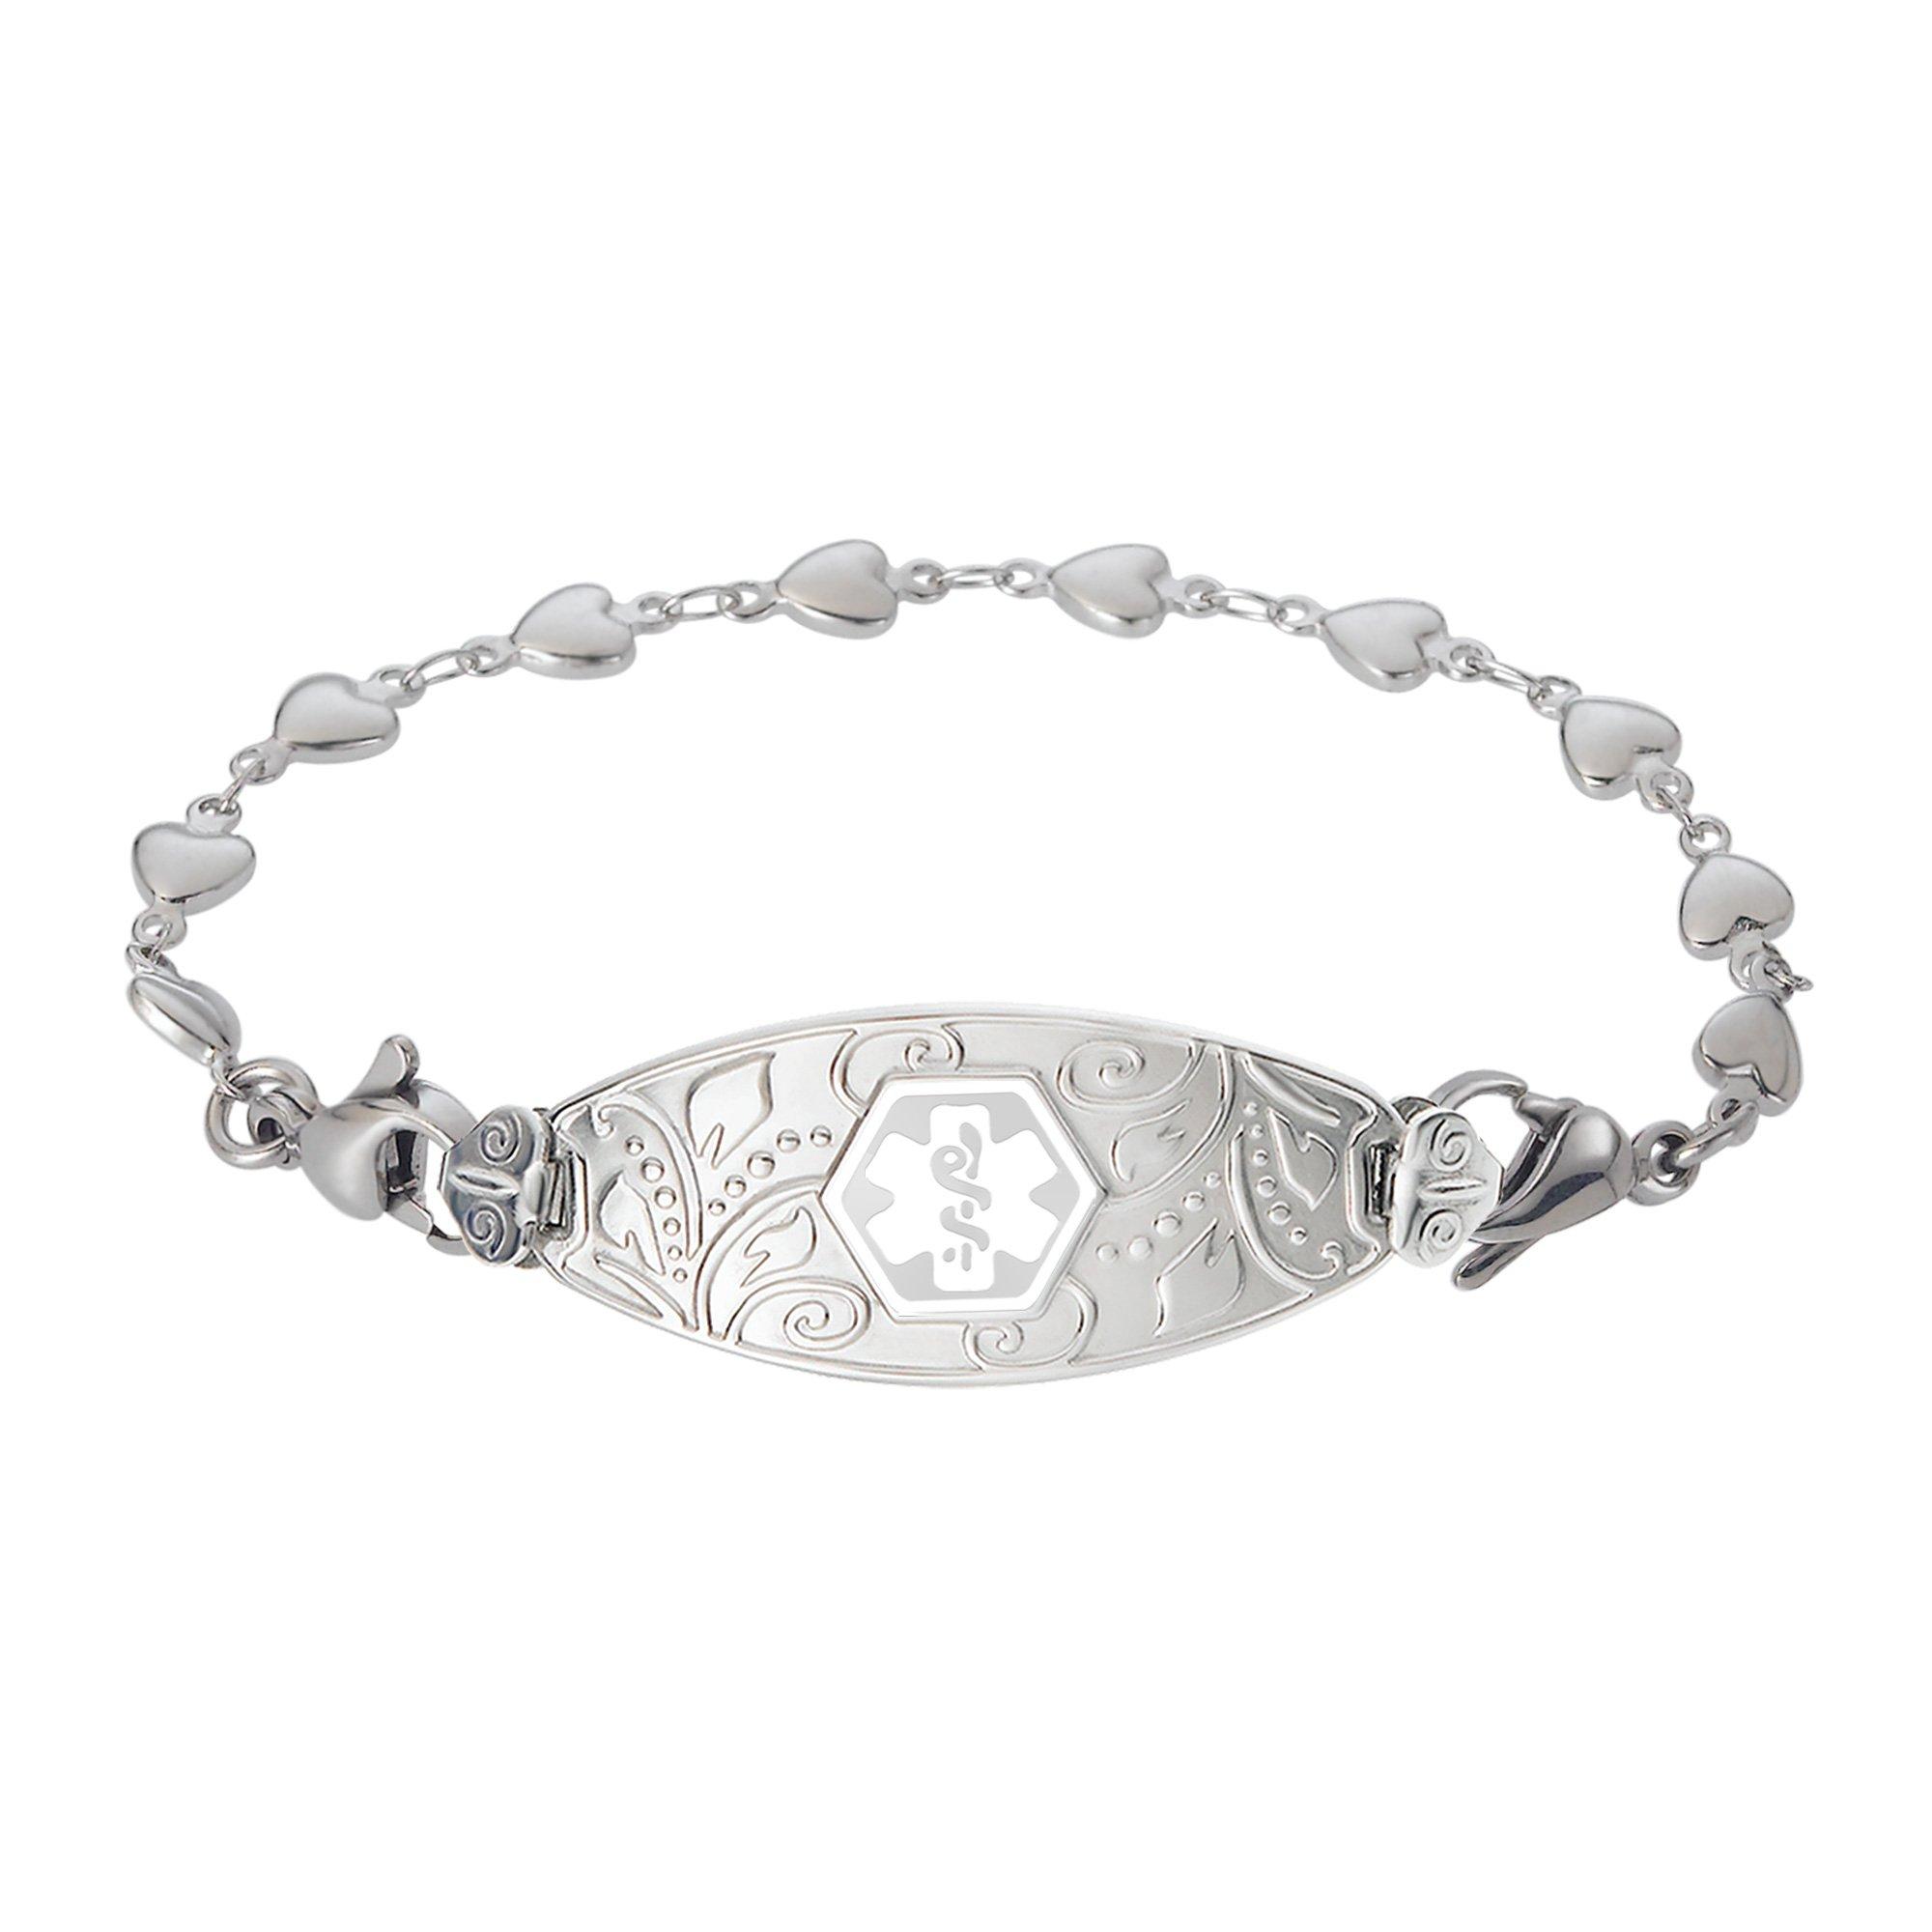 Divoti Custom Engraved Lovely Filigree Medical Alert Bracelet -Heart Link Stainless -White-7.5''